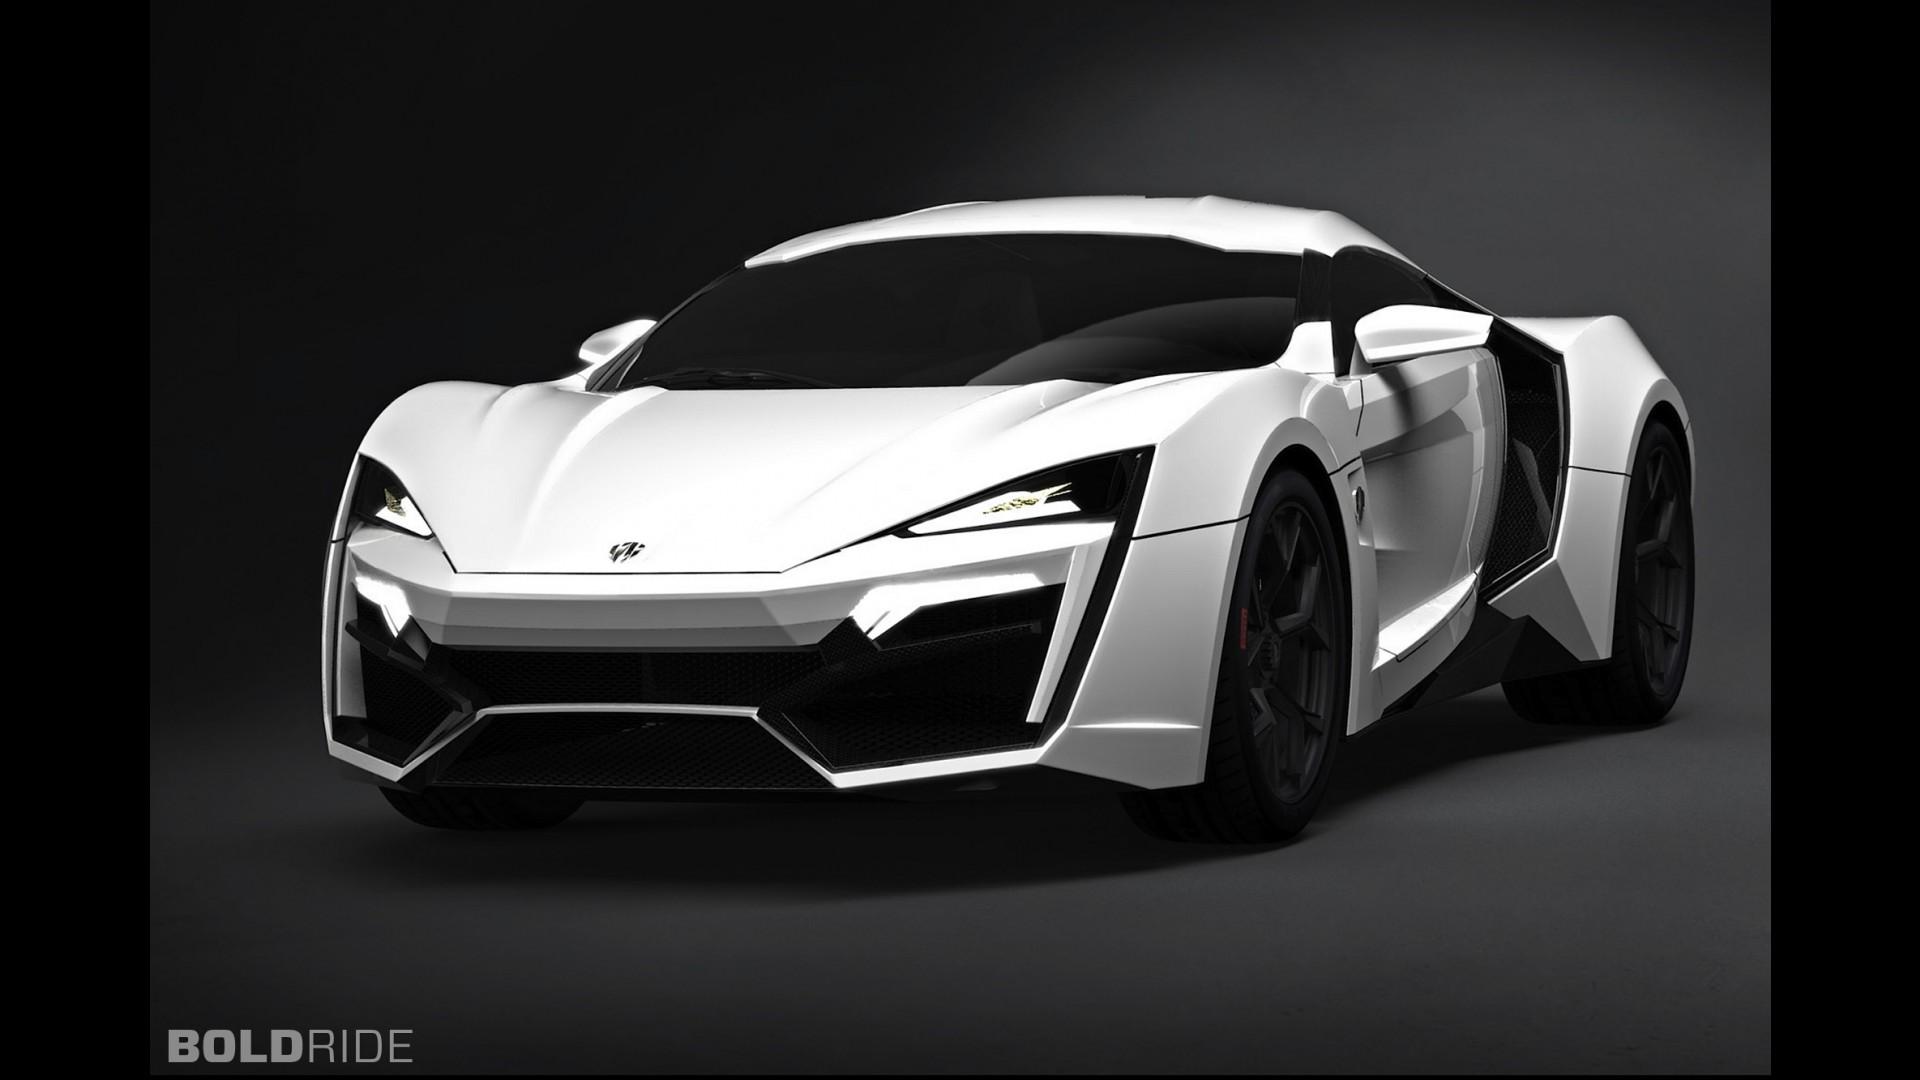 8 Million Dollar Car Wallpapers W Motors Lykan Hypersport